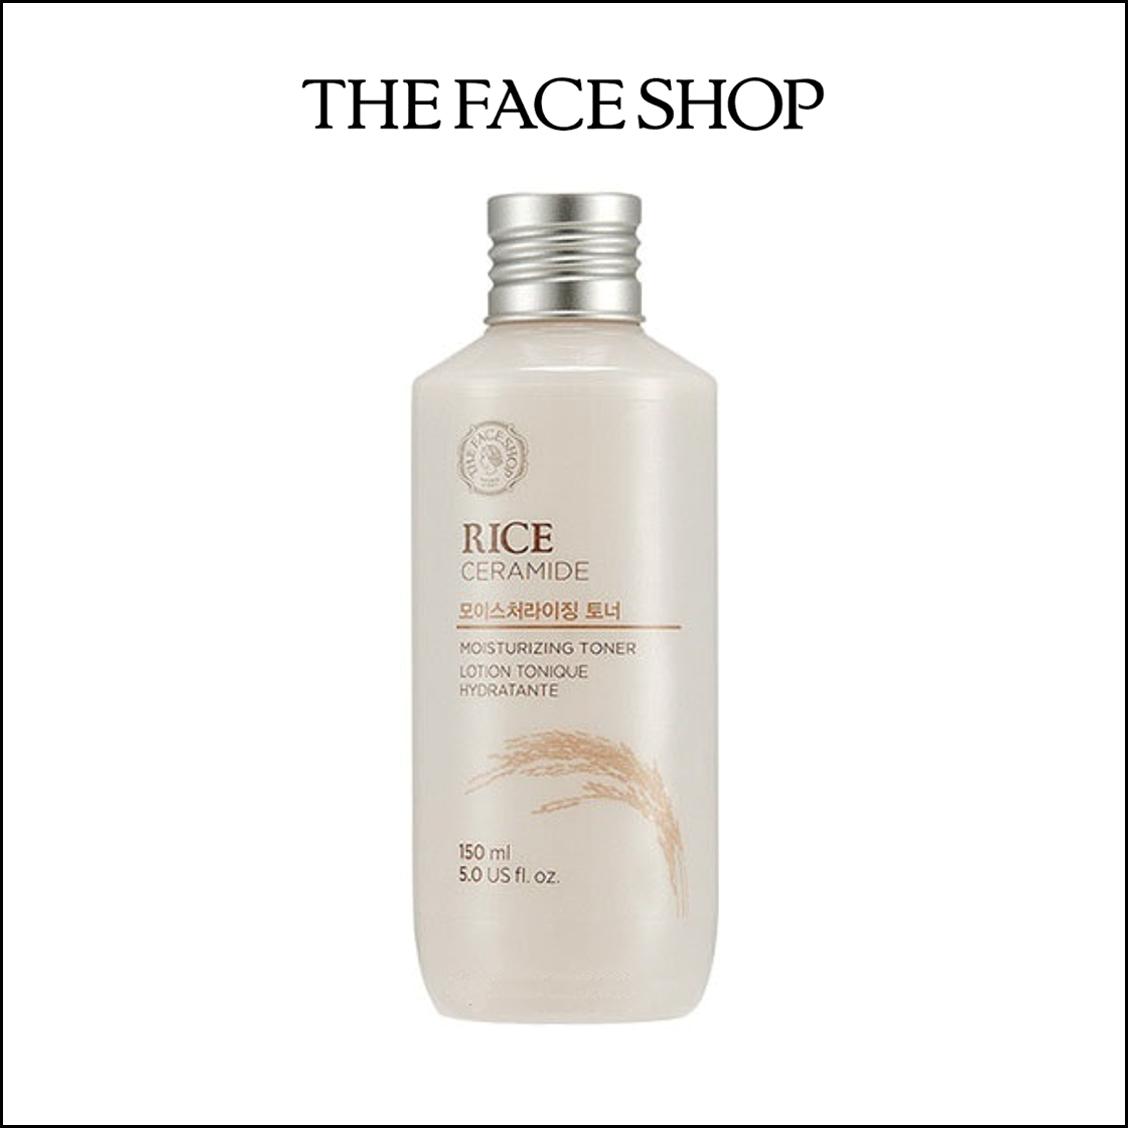 NƯỚC HOA HỒNG GẠO THE FACE SHOP RICE CERAMIDE MOISTURE TONER (MẪU MỚI)